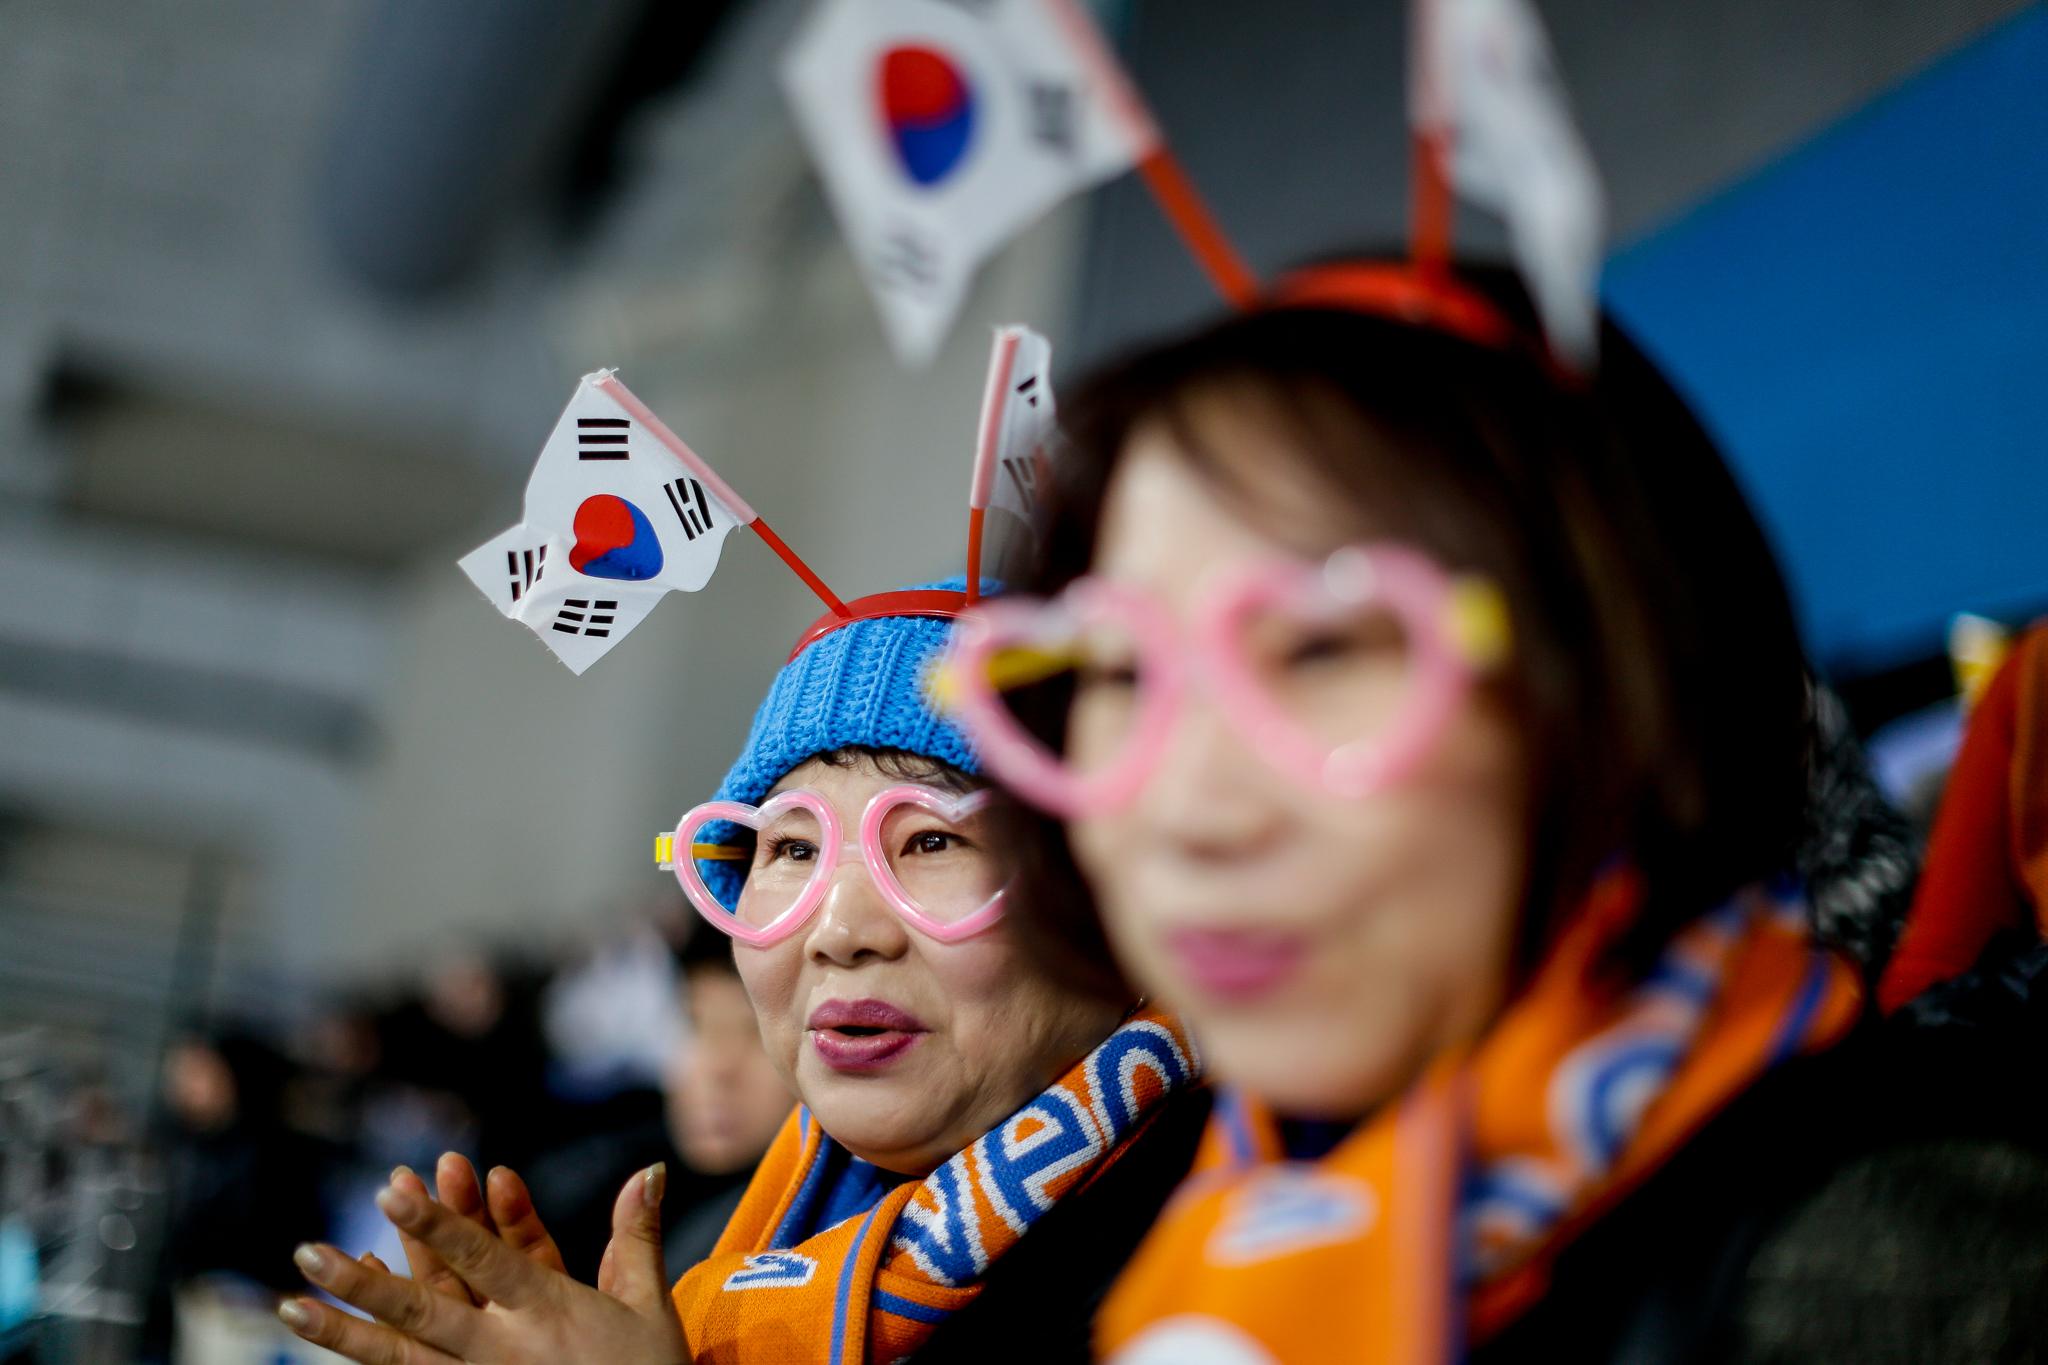 Pessoas sorrindo, batendo palmas e agitando bandeiras (© Natacha Pisarenko/AP Images)